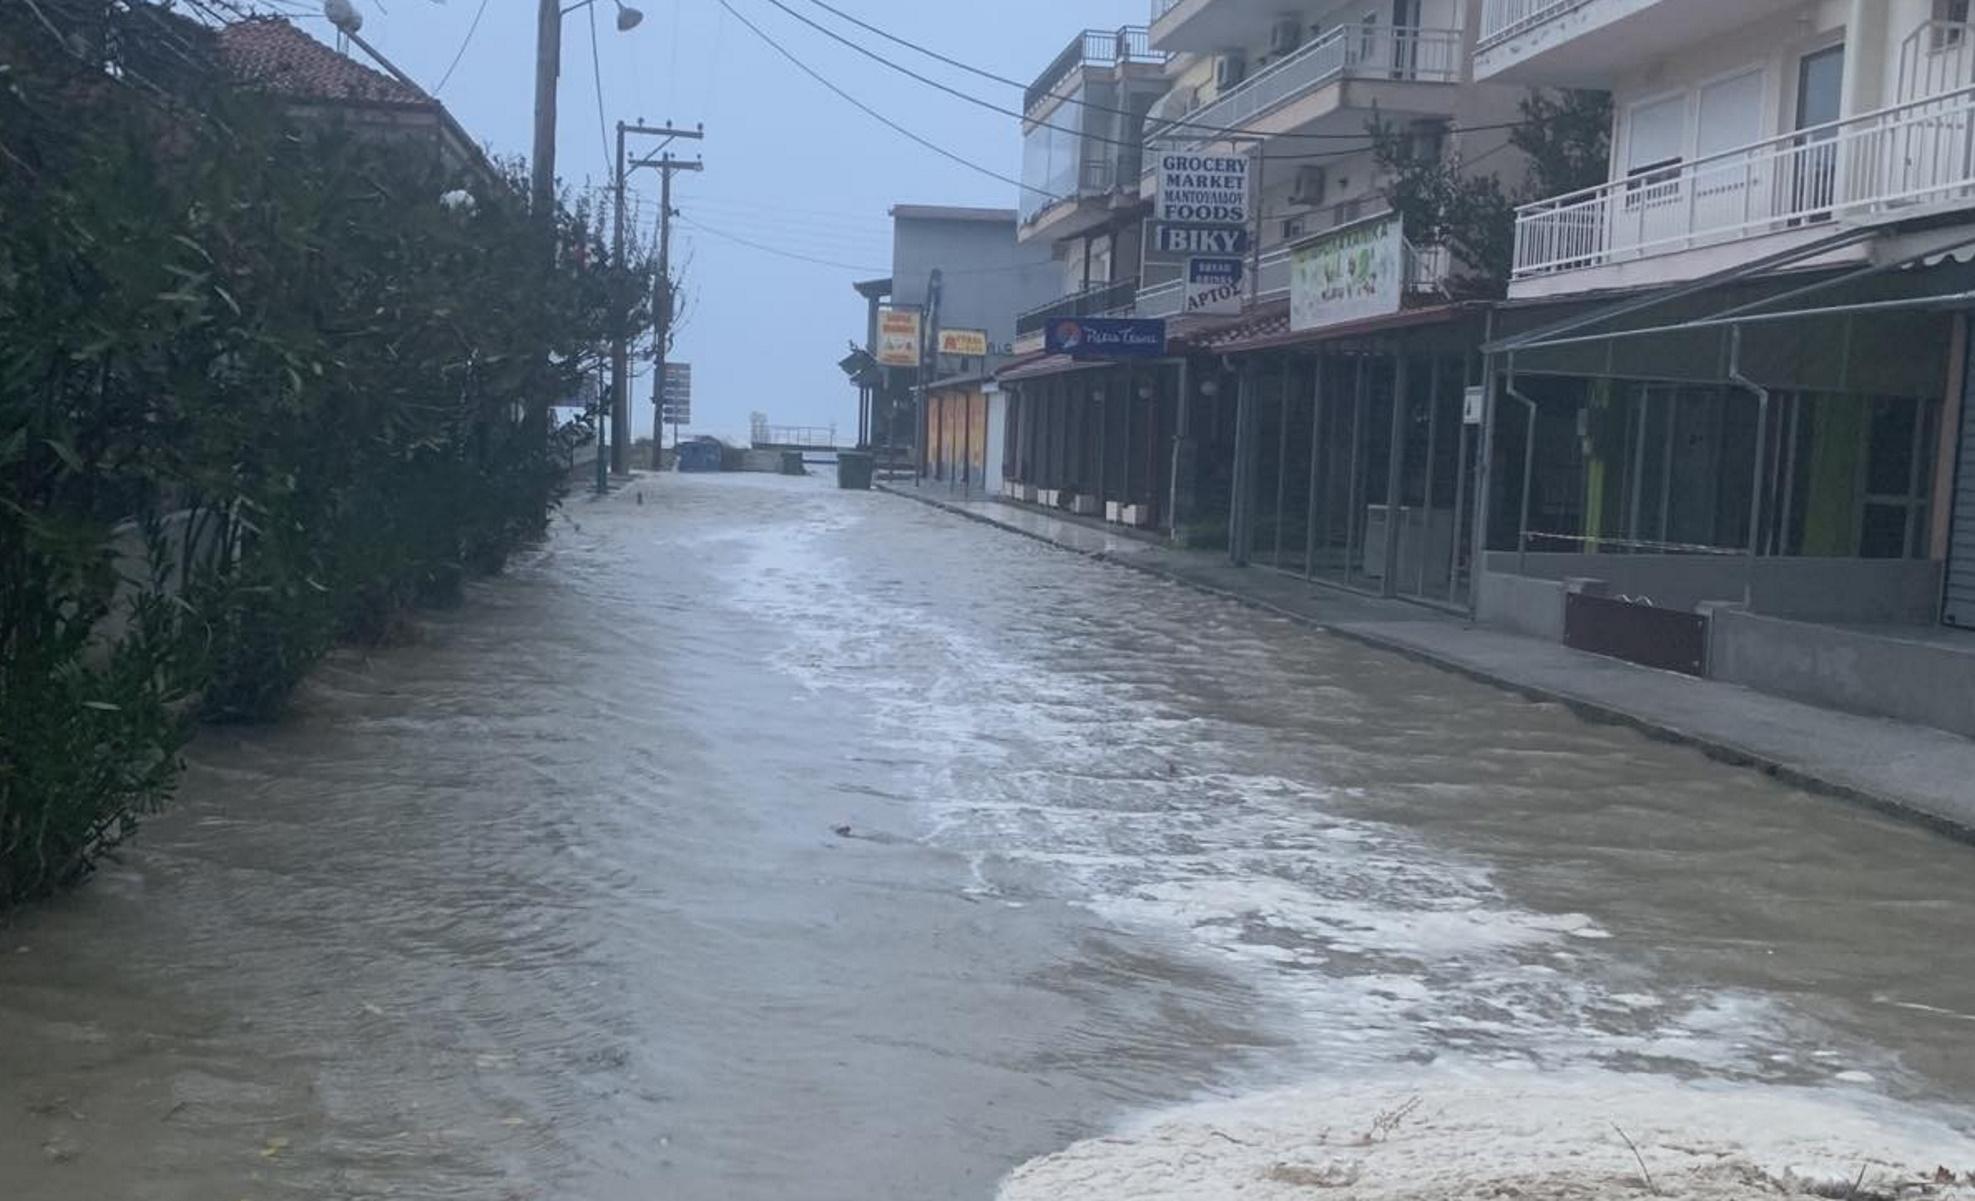 Προβλήματα από την κακοκαιρία στην Πιερία: Πλημμύρισαν δρόμοι και σπίτια (pics)